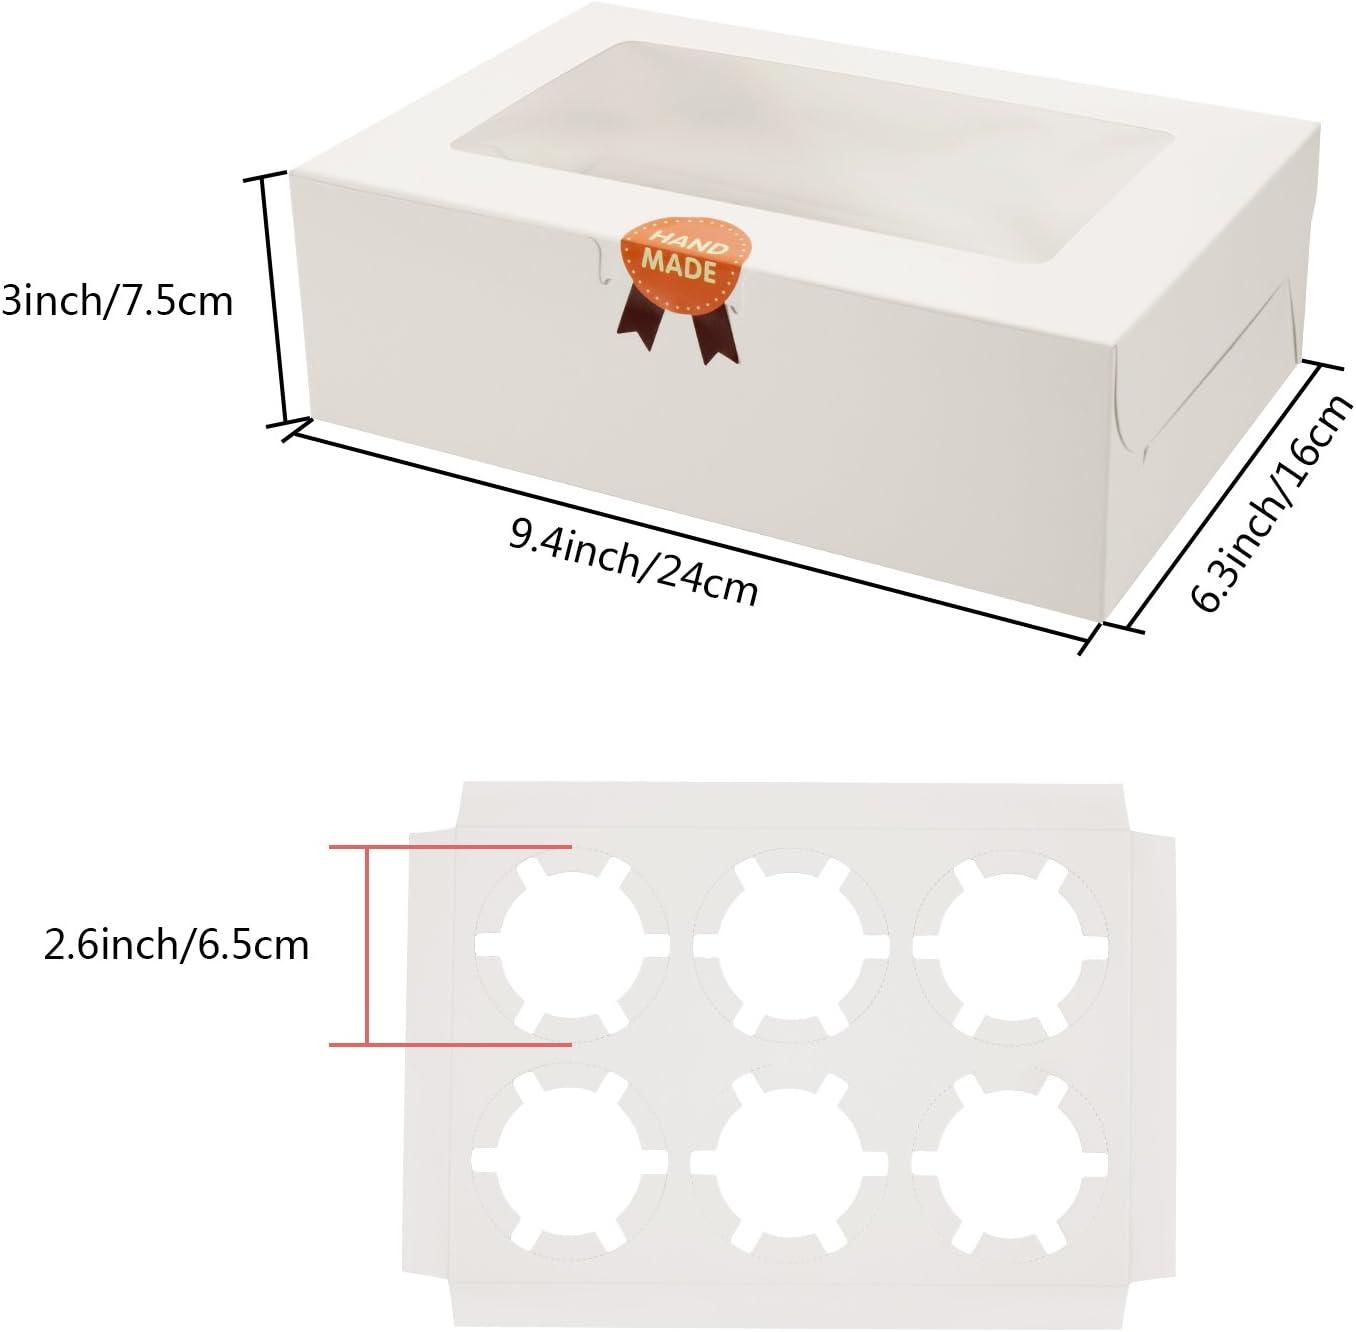 Scatole per Cupcake Diealles 8 Pezzi Scatole per Muffin con Finestra Trasparente e Inserti per 6 Cupcake Bianco